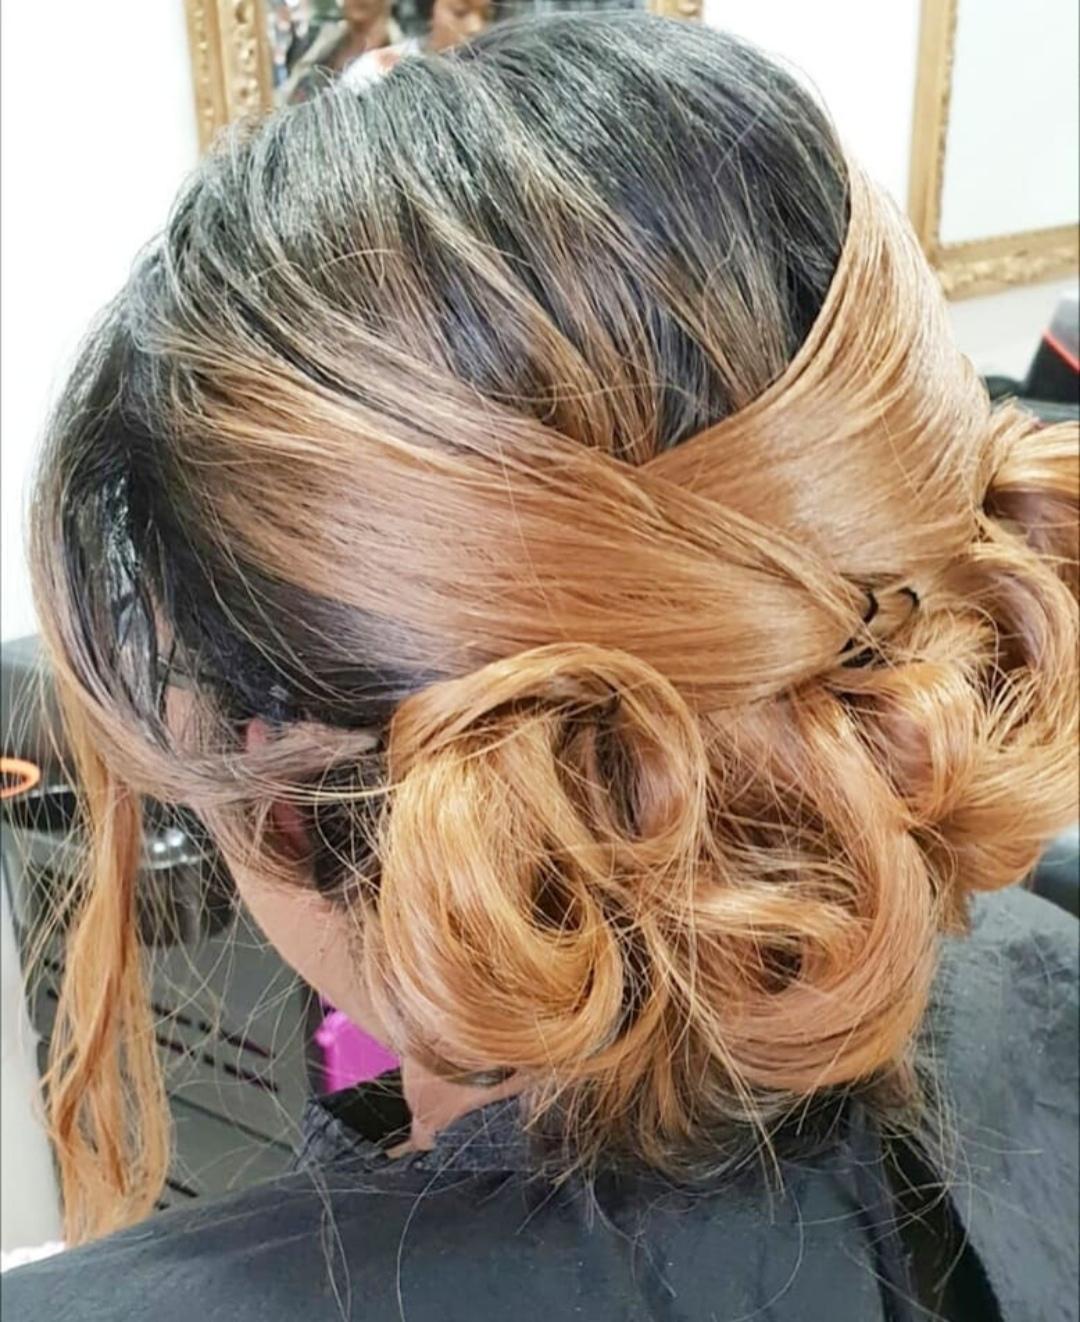 salon de coiffure afro tresse tresses box braids crochet braids vanilles tissages paris 75 77 78 91 92 93 94 95 NVSYVREF